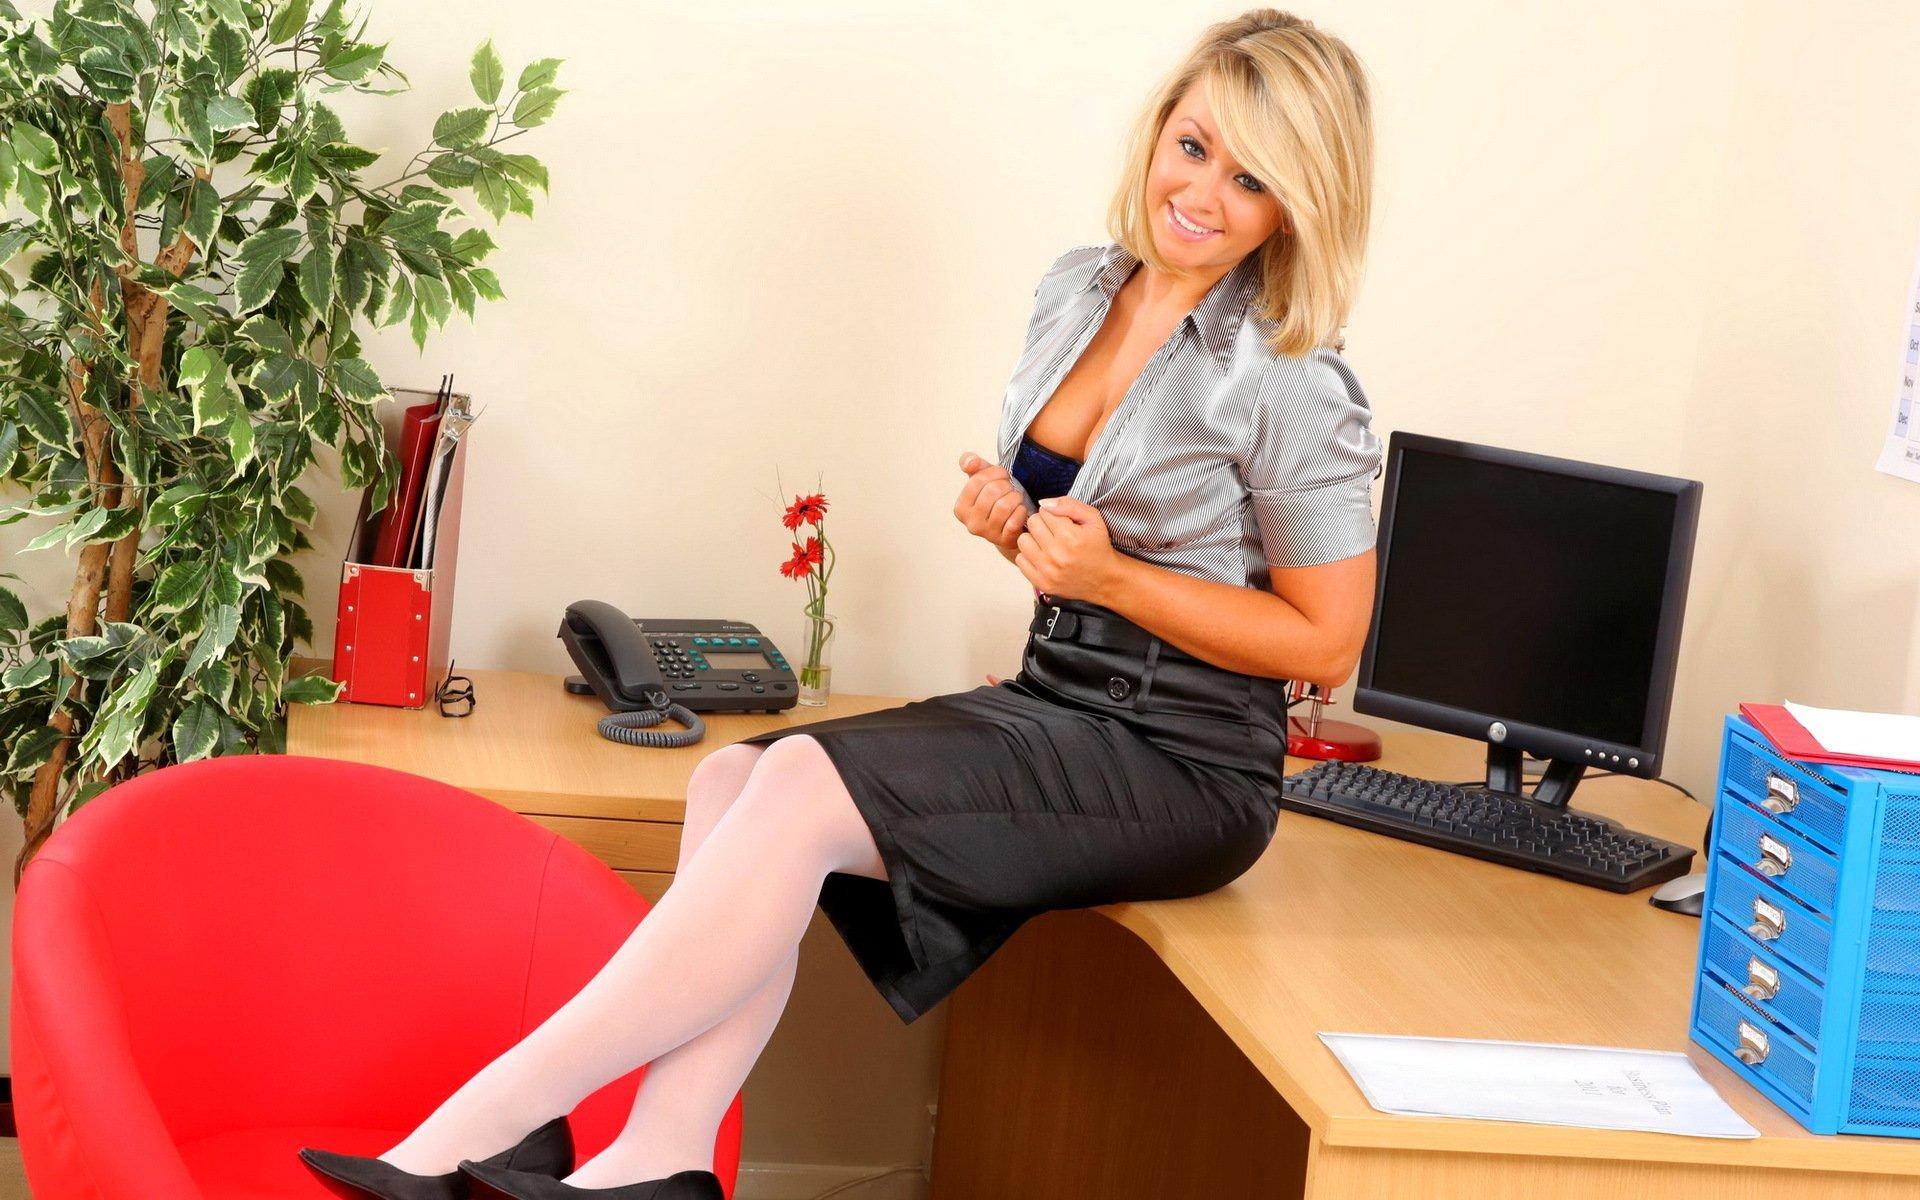 Блондинку трахнул в офисе сами